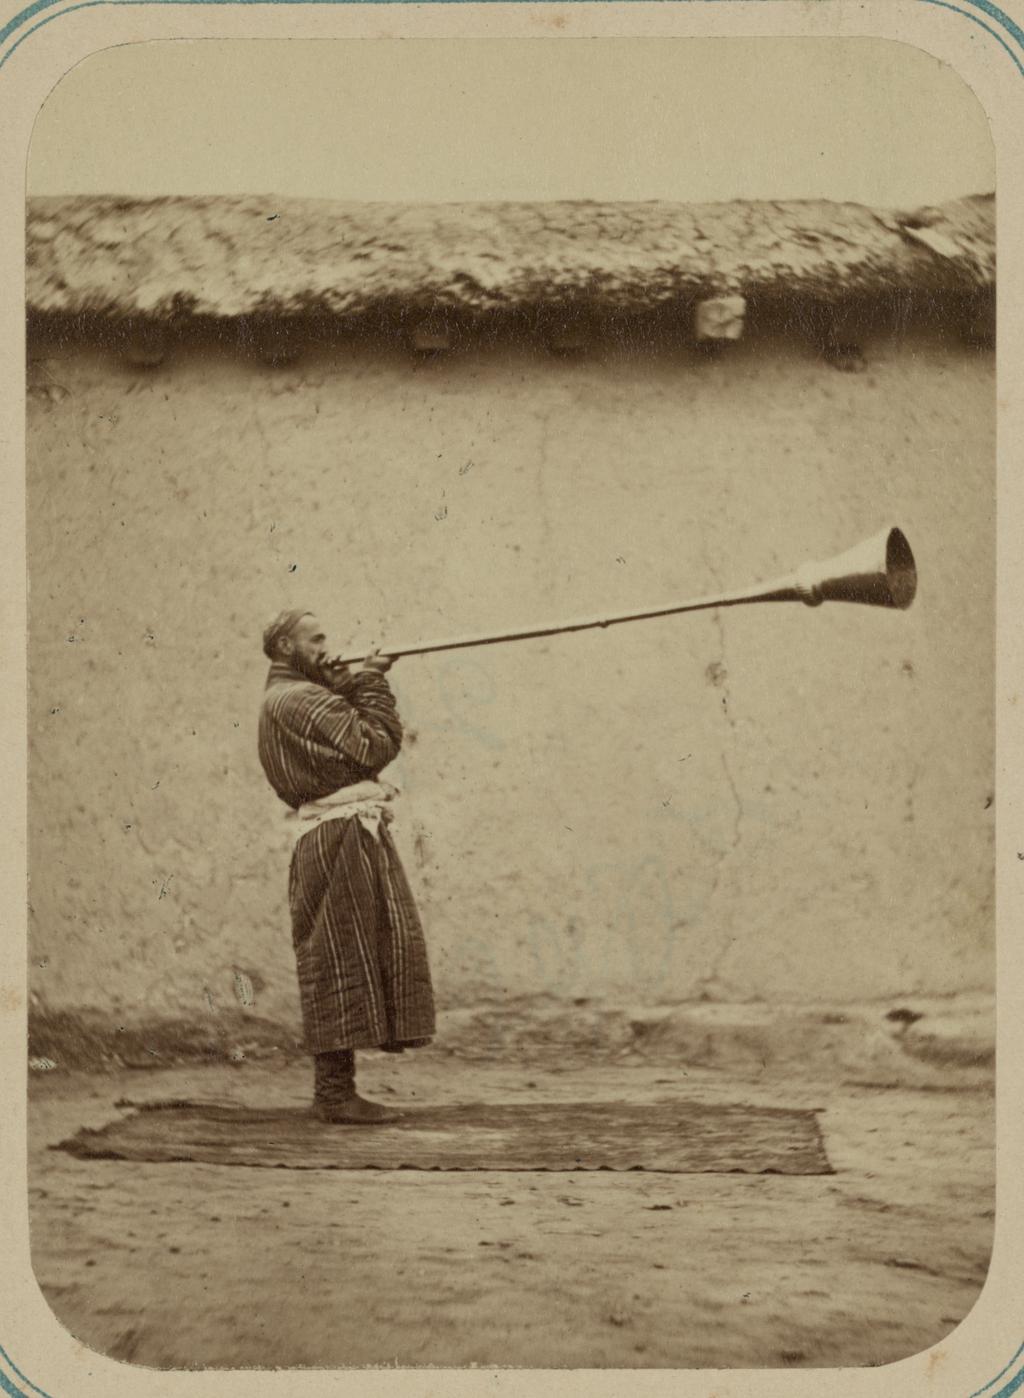 Музыканты. Мужчина за игрой на карнае, инструменте с длинным стволом, напоминающем трубу.